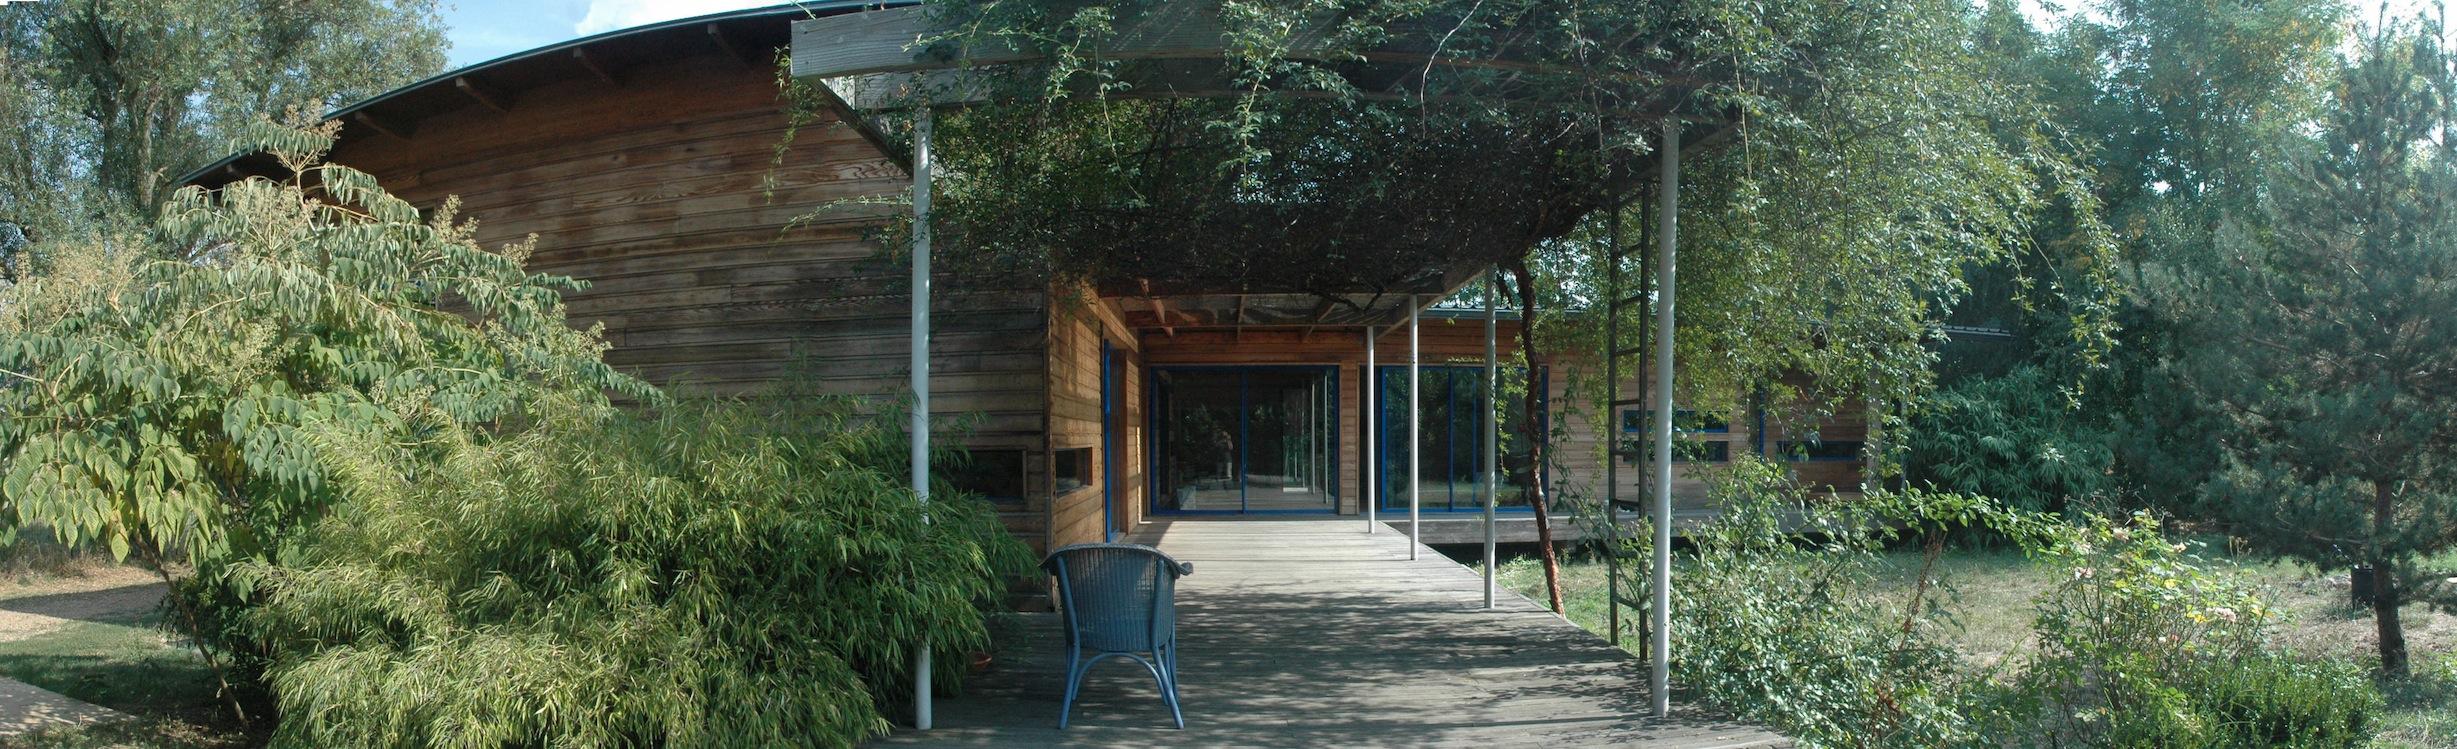 A vendre maison en bois